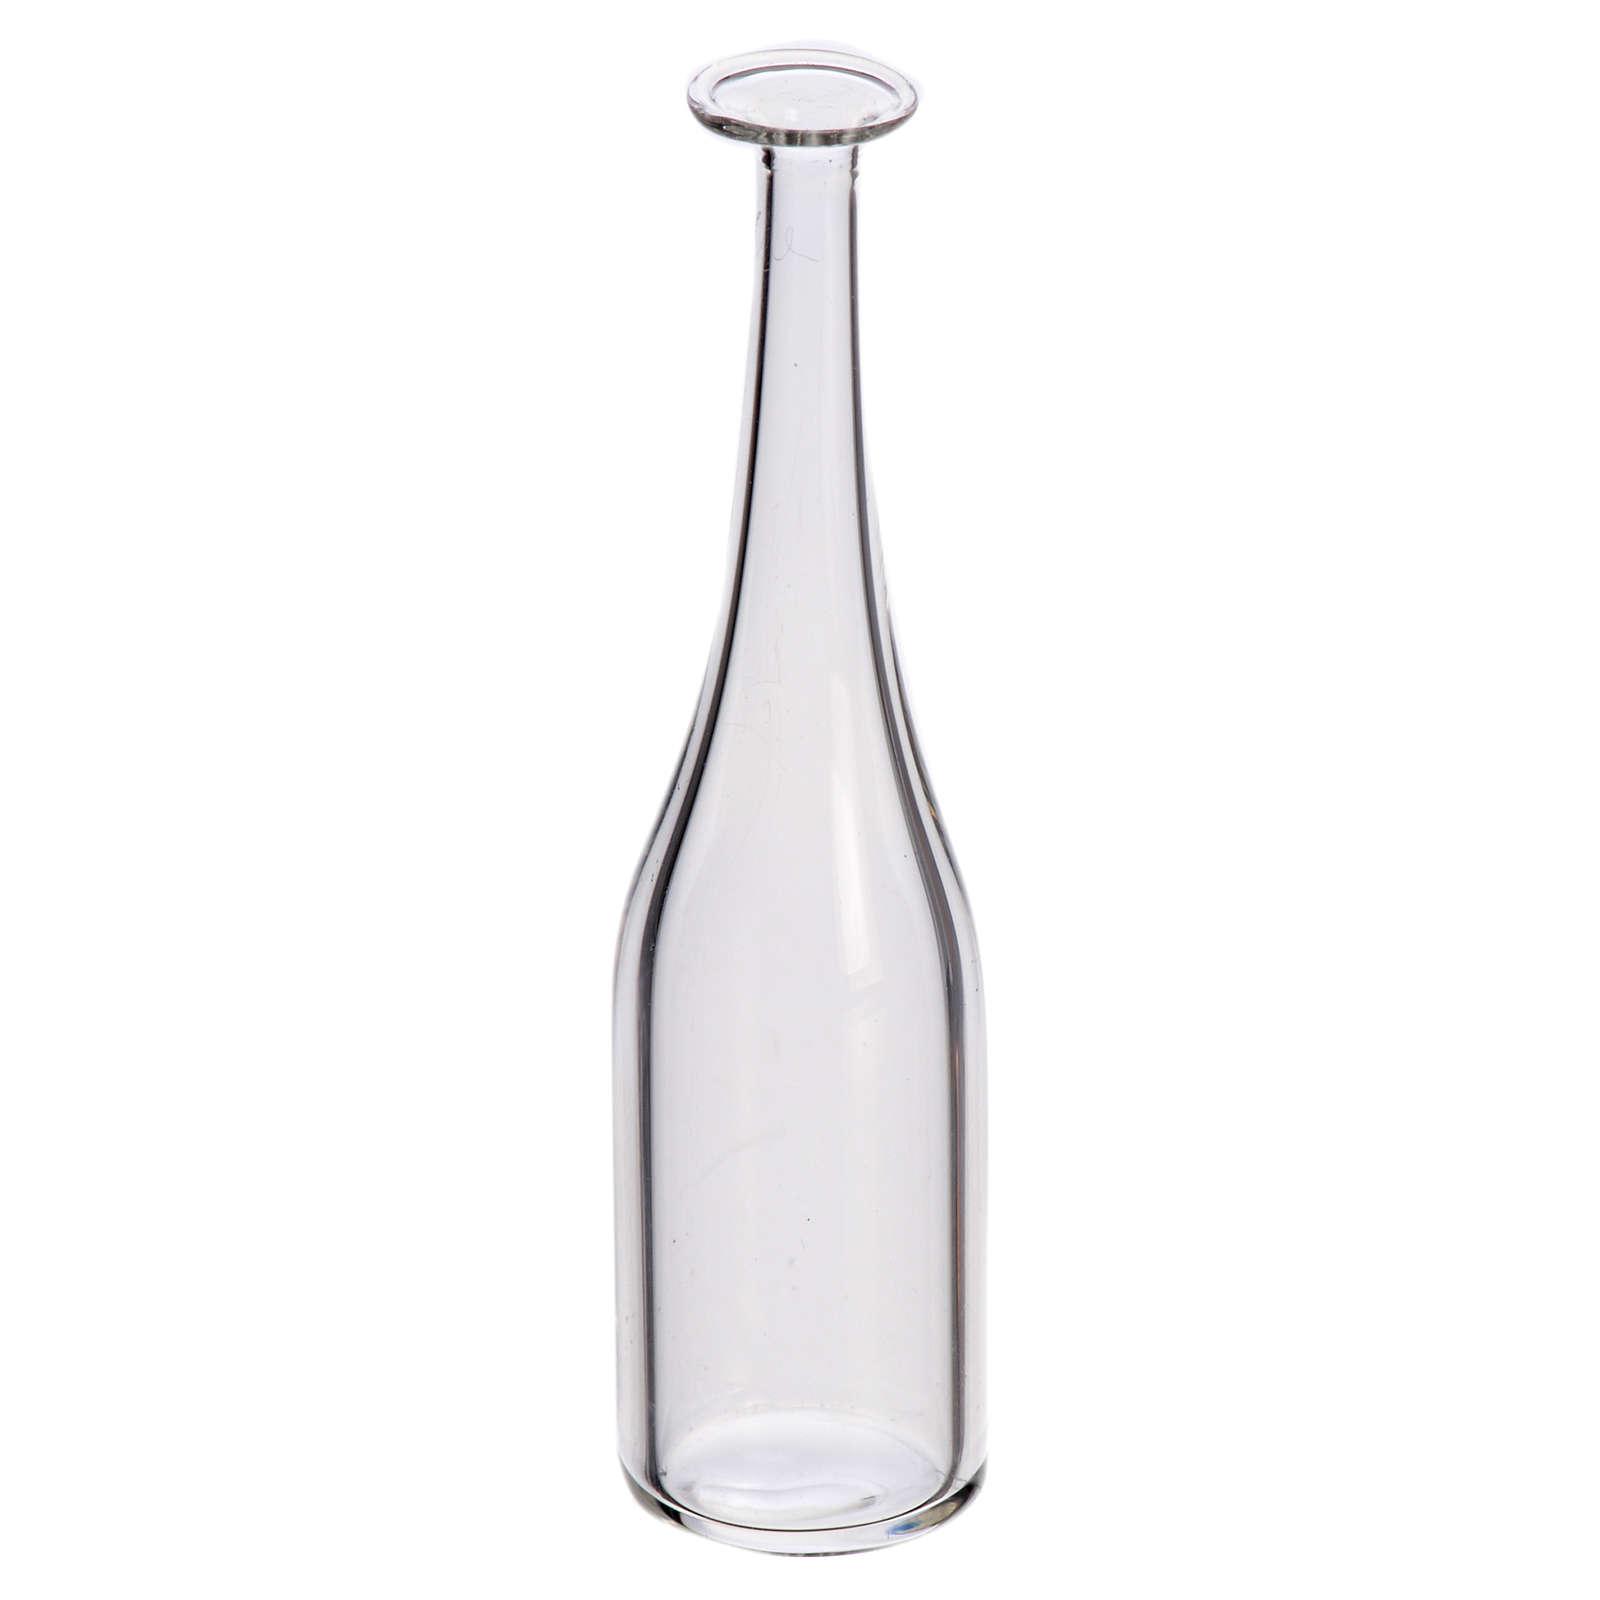 Bottiglia vetro presepe 2,3x1 cm 4